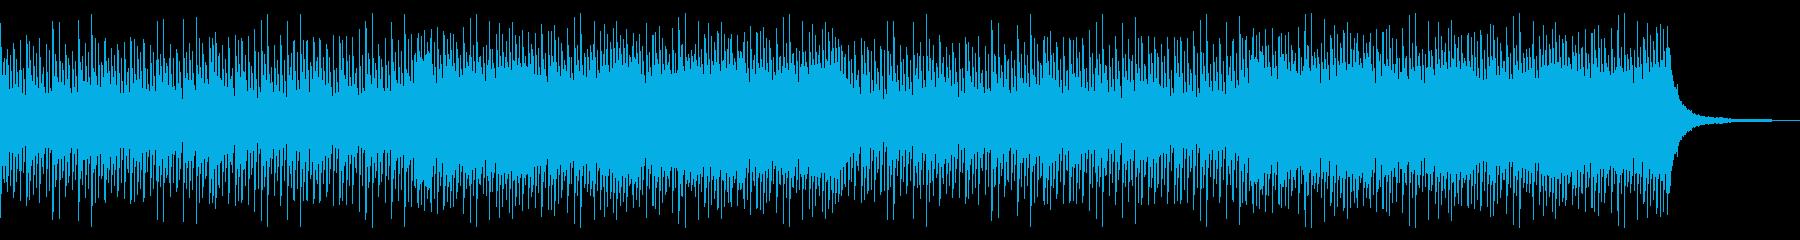 鉄琴なしver 切ない ピアノ ギターの再生済みの波形